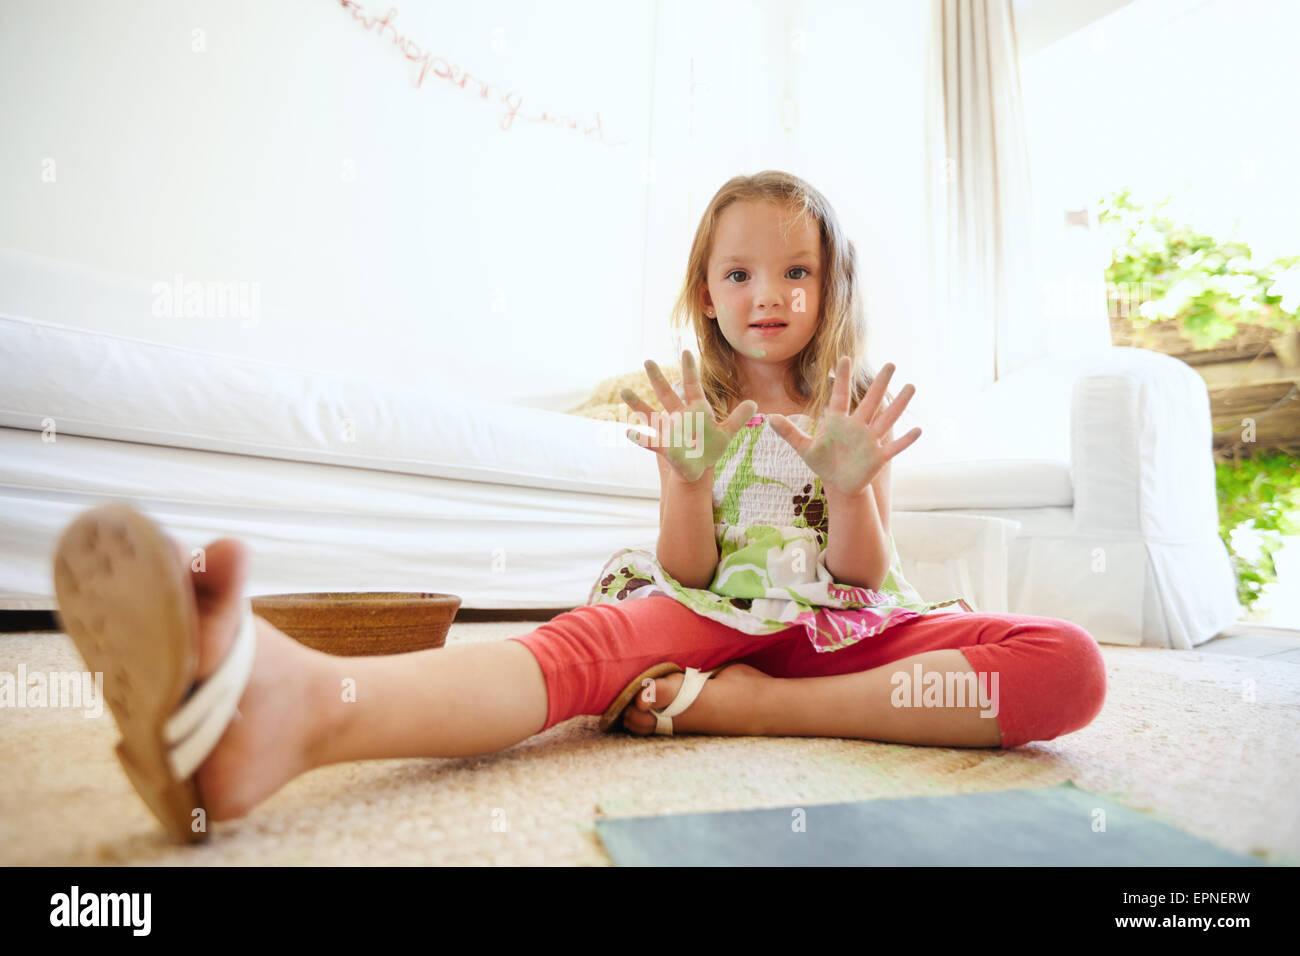 Portrait de belle petite fille s'amuser tout en peinture. Séance d'écolière sur le plancher Photo Stock